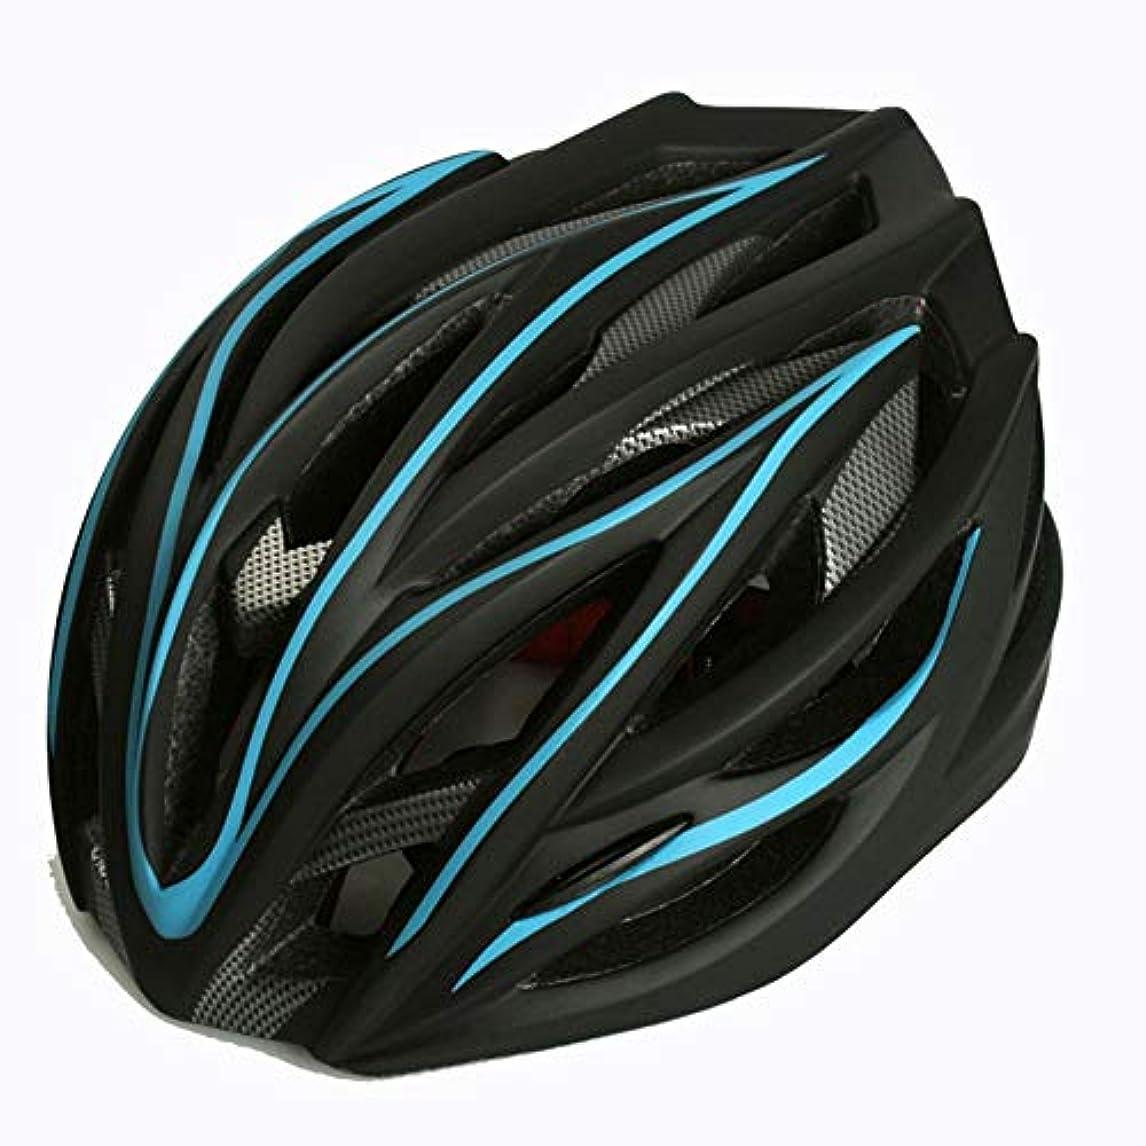 壊す確認してください彼女のSafety 自転車マウンテンバイク統合乗馬ヘルメットエクストリームスポーツローラースケートヘルメット用男性と女性 (色 : Blue)